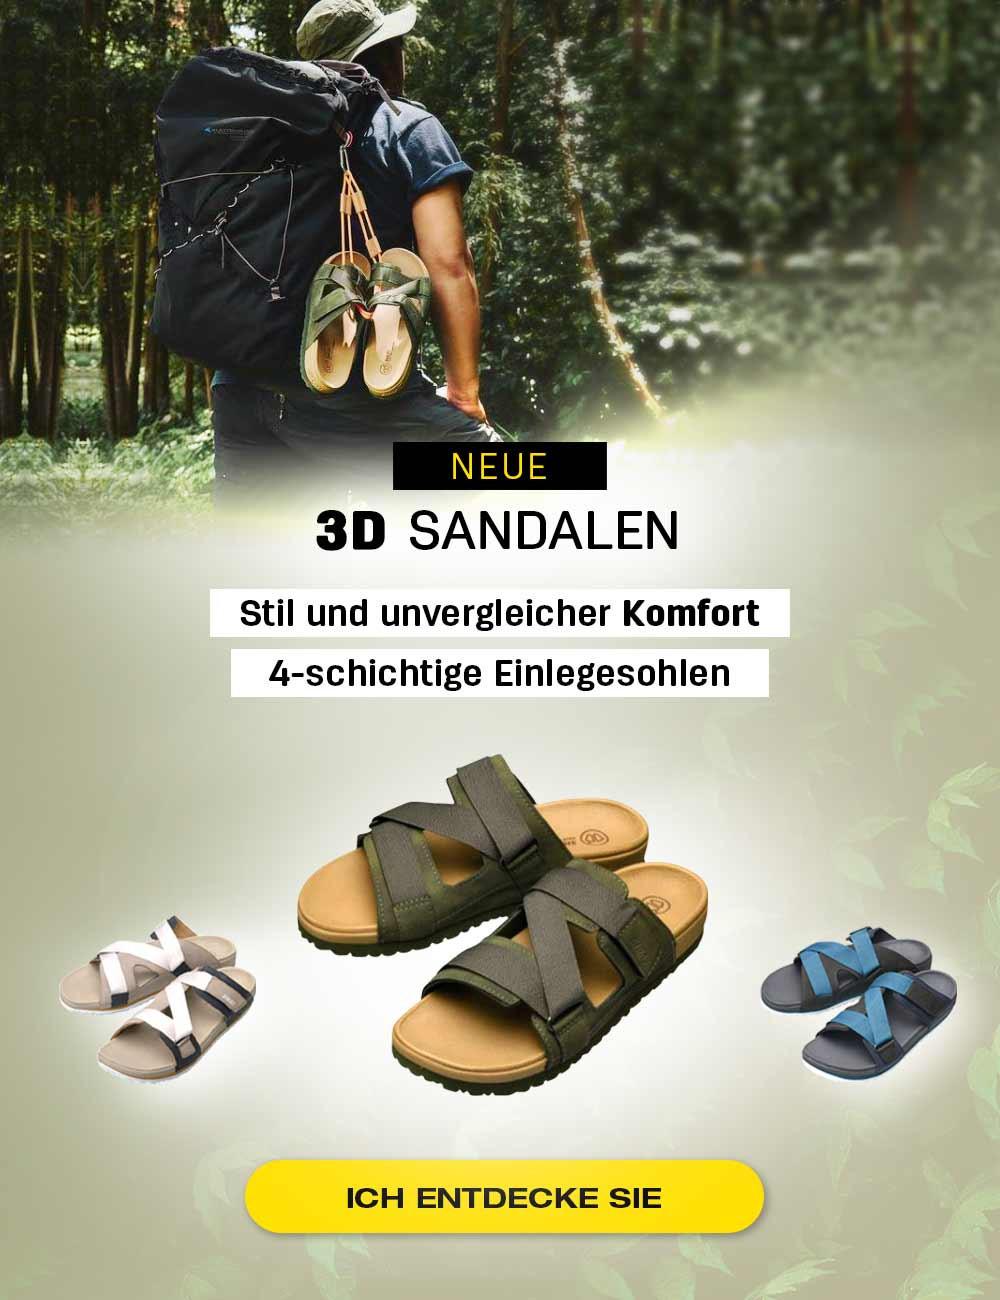 Stilvolle und bequeme 3D Sandalen mit 4-schichtigen Einlegesohlen